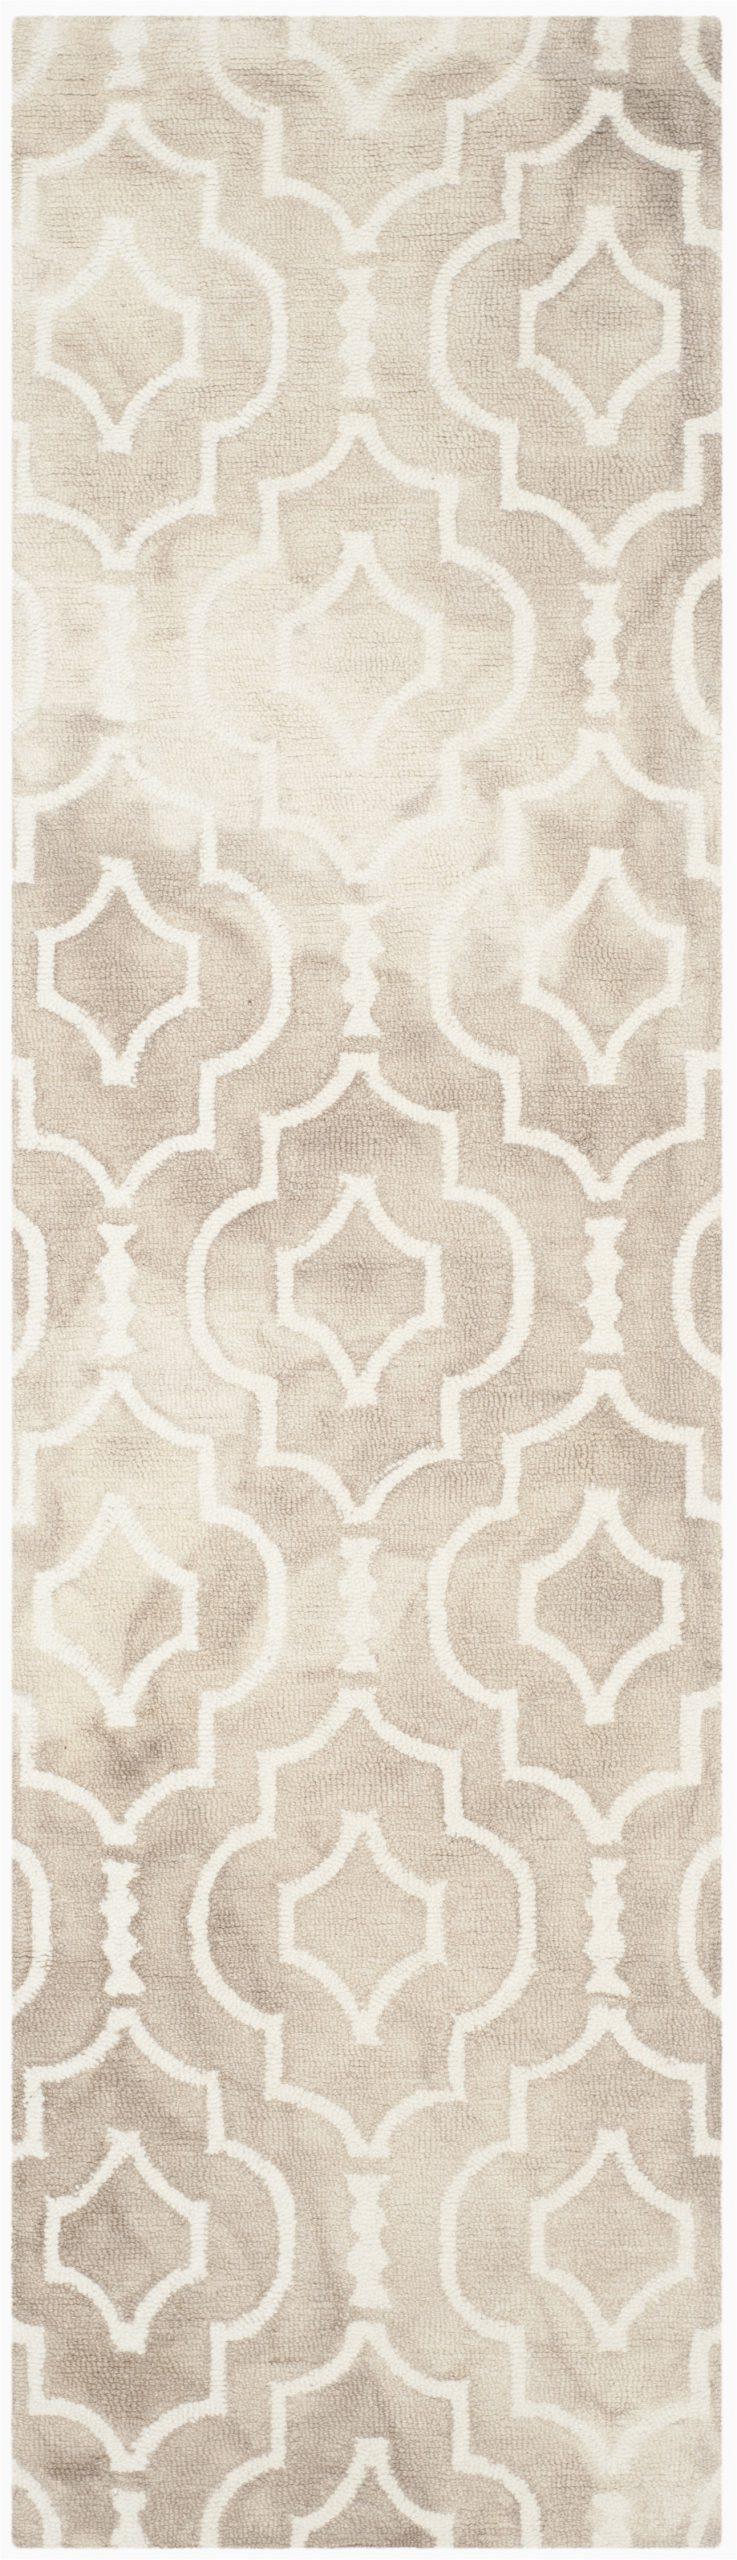 safavieh dip dye rug 10 x 14 wool beigeivory